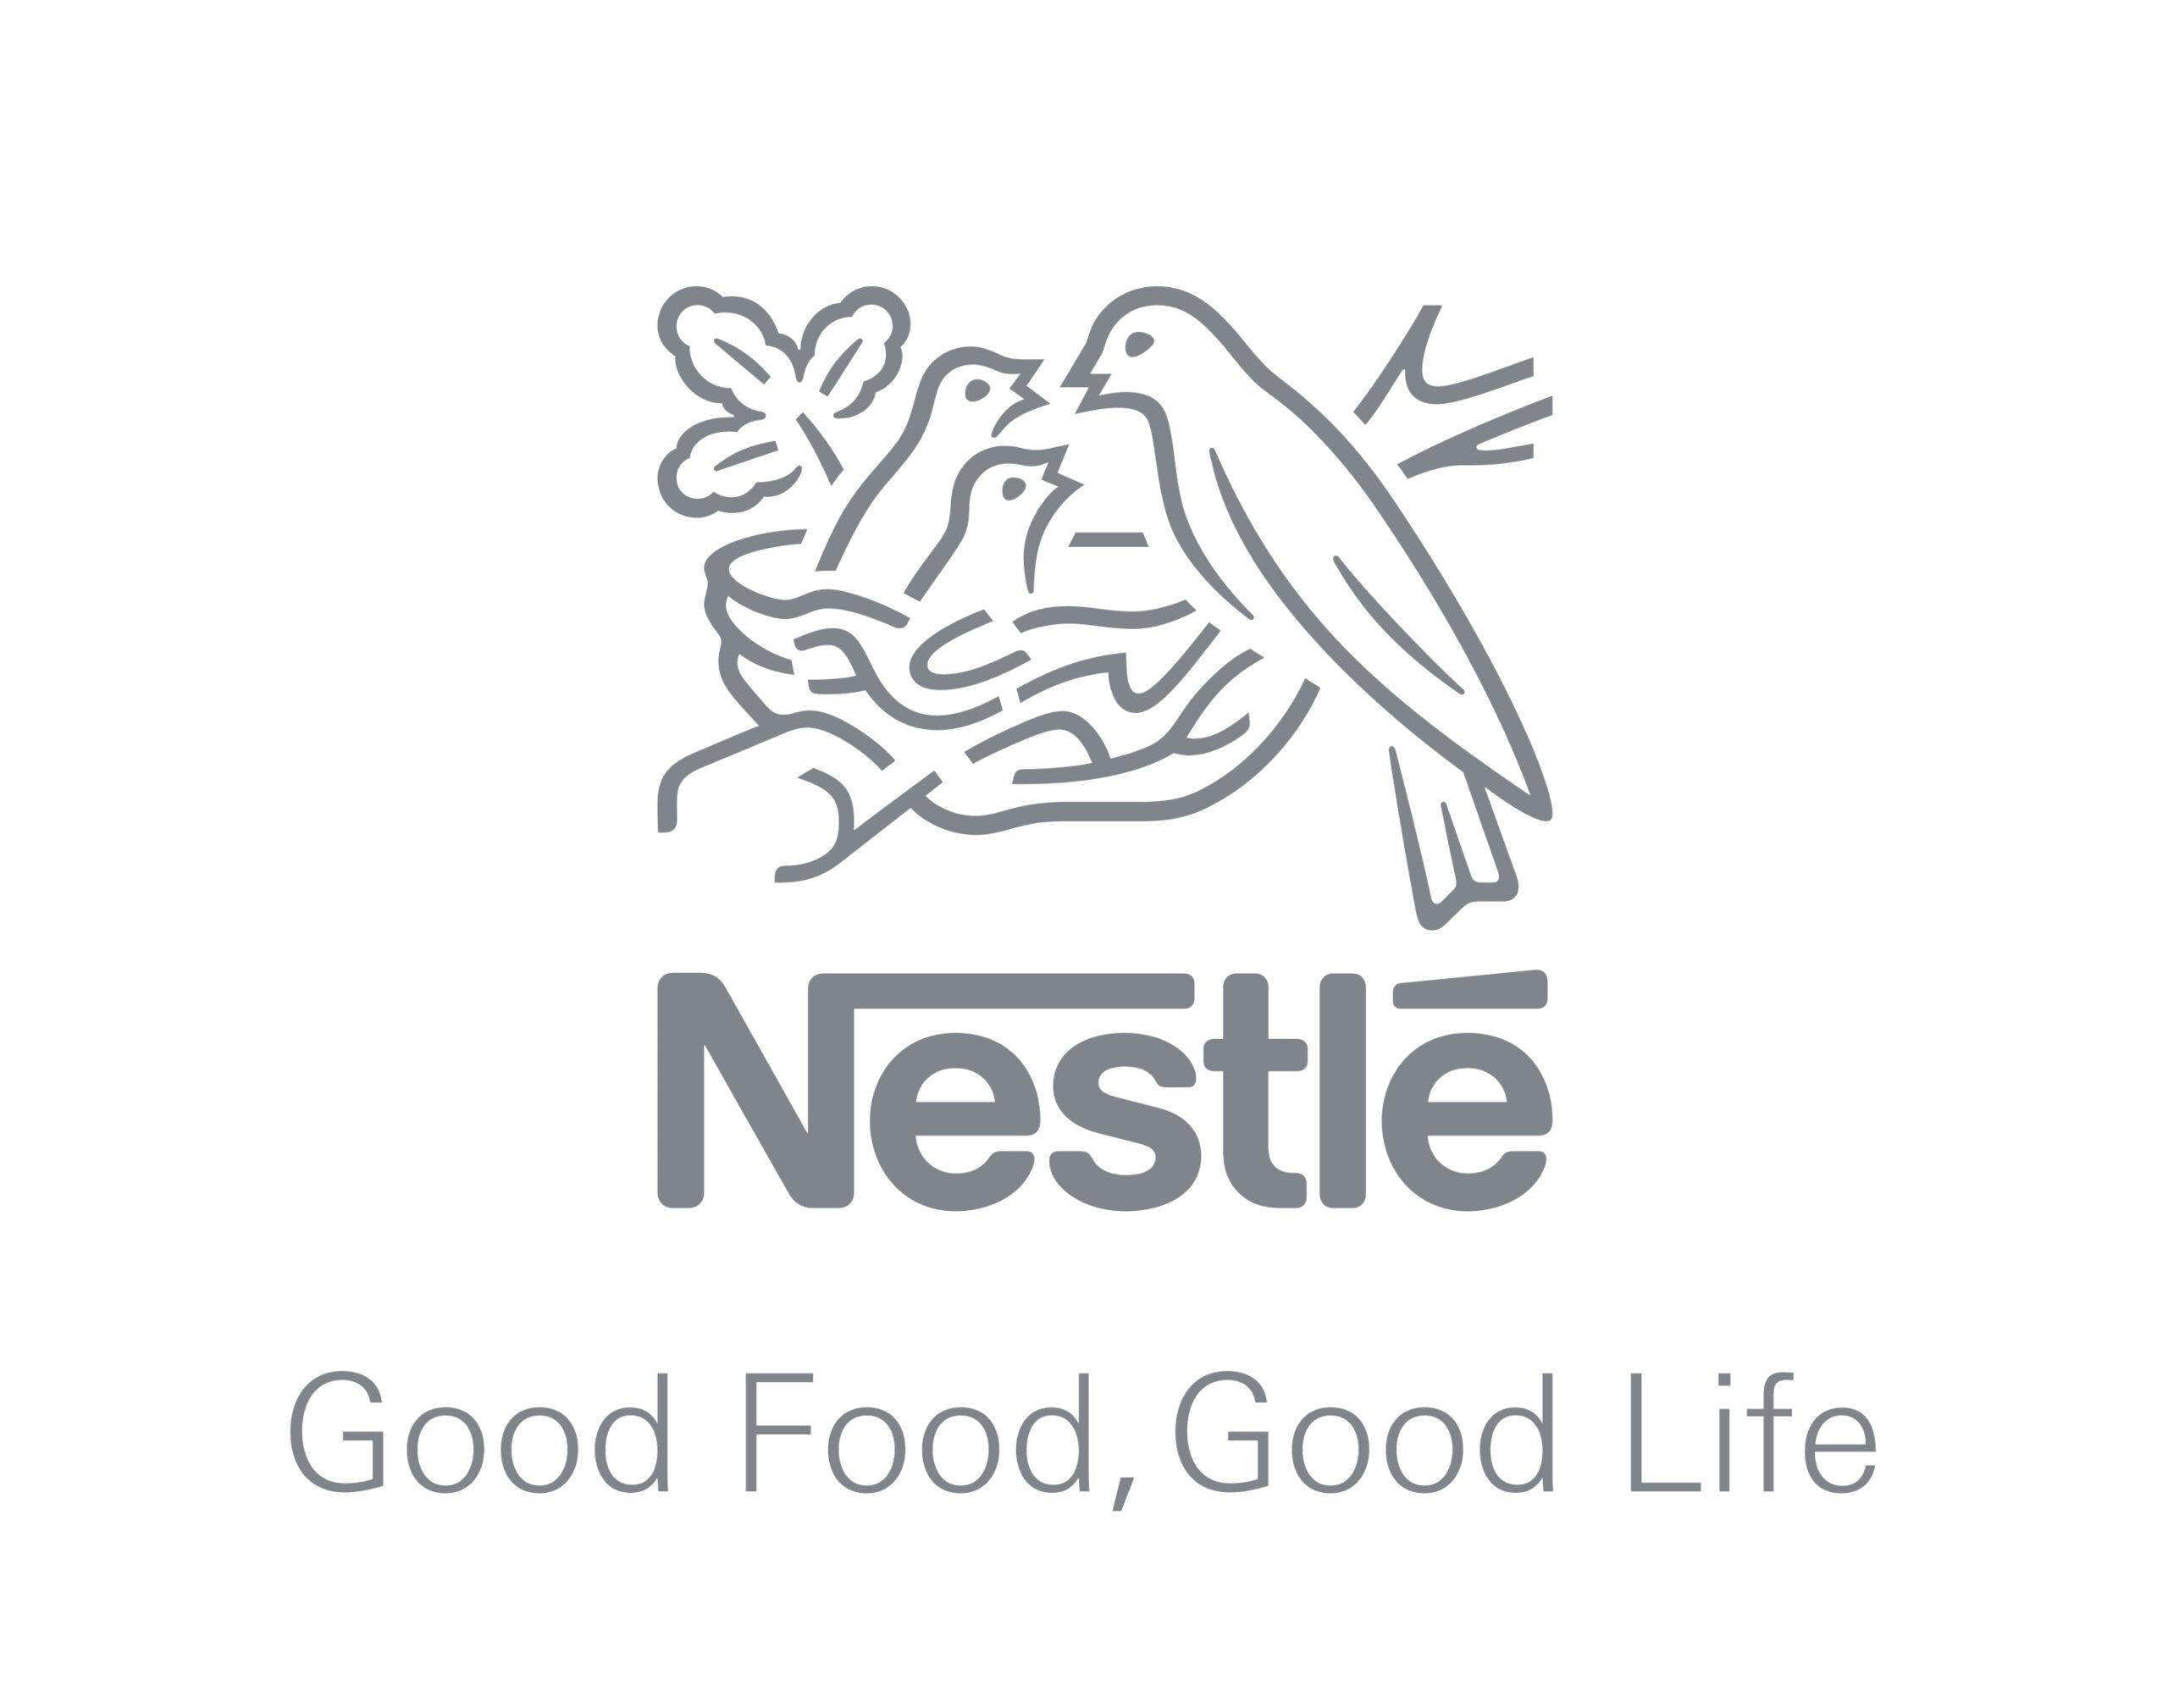 2015 Nestlé Corporate Vert. GFGL_P430.ai